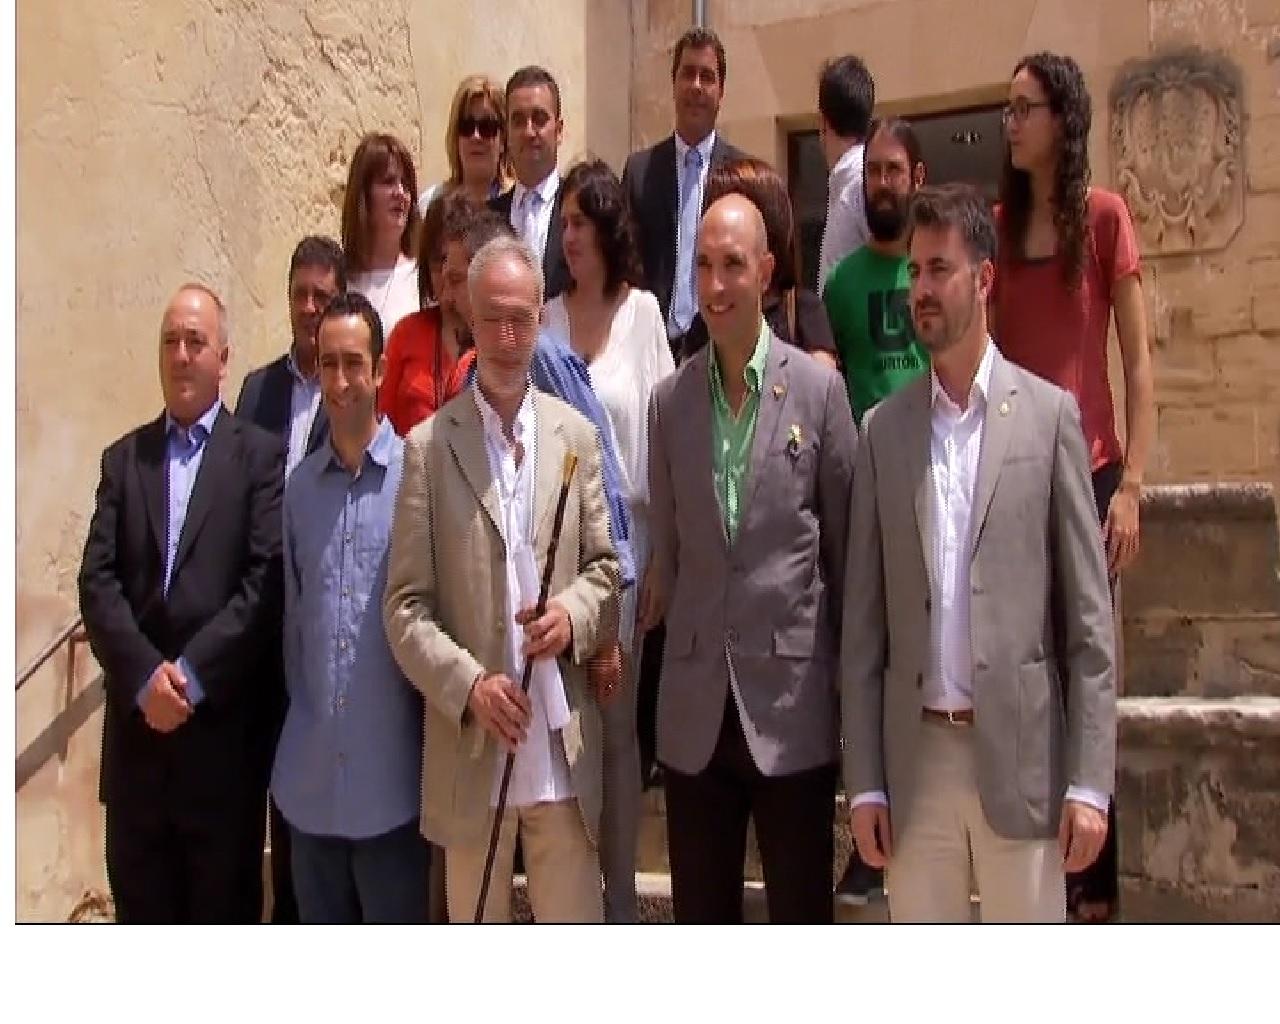 Perilla+el+pacte+de+govern+a+Pollen%C3%A7a